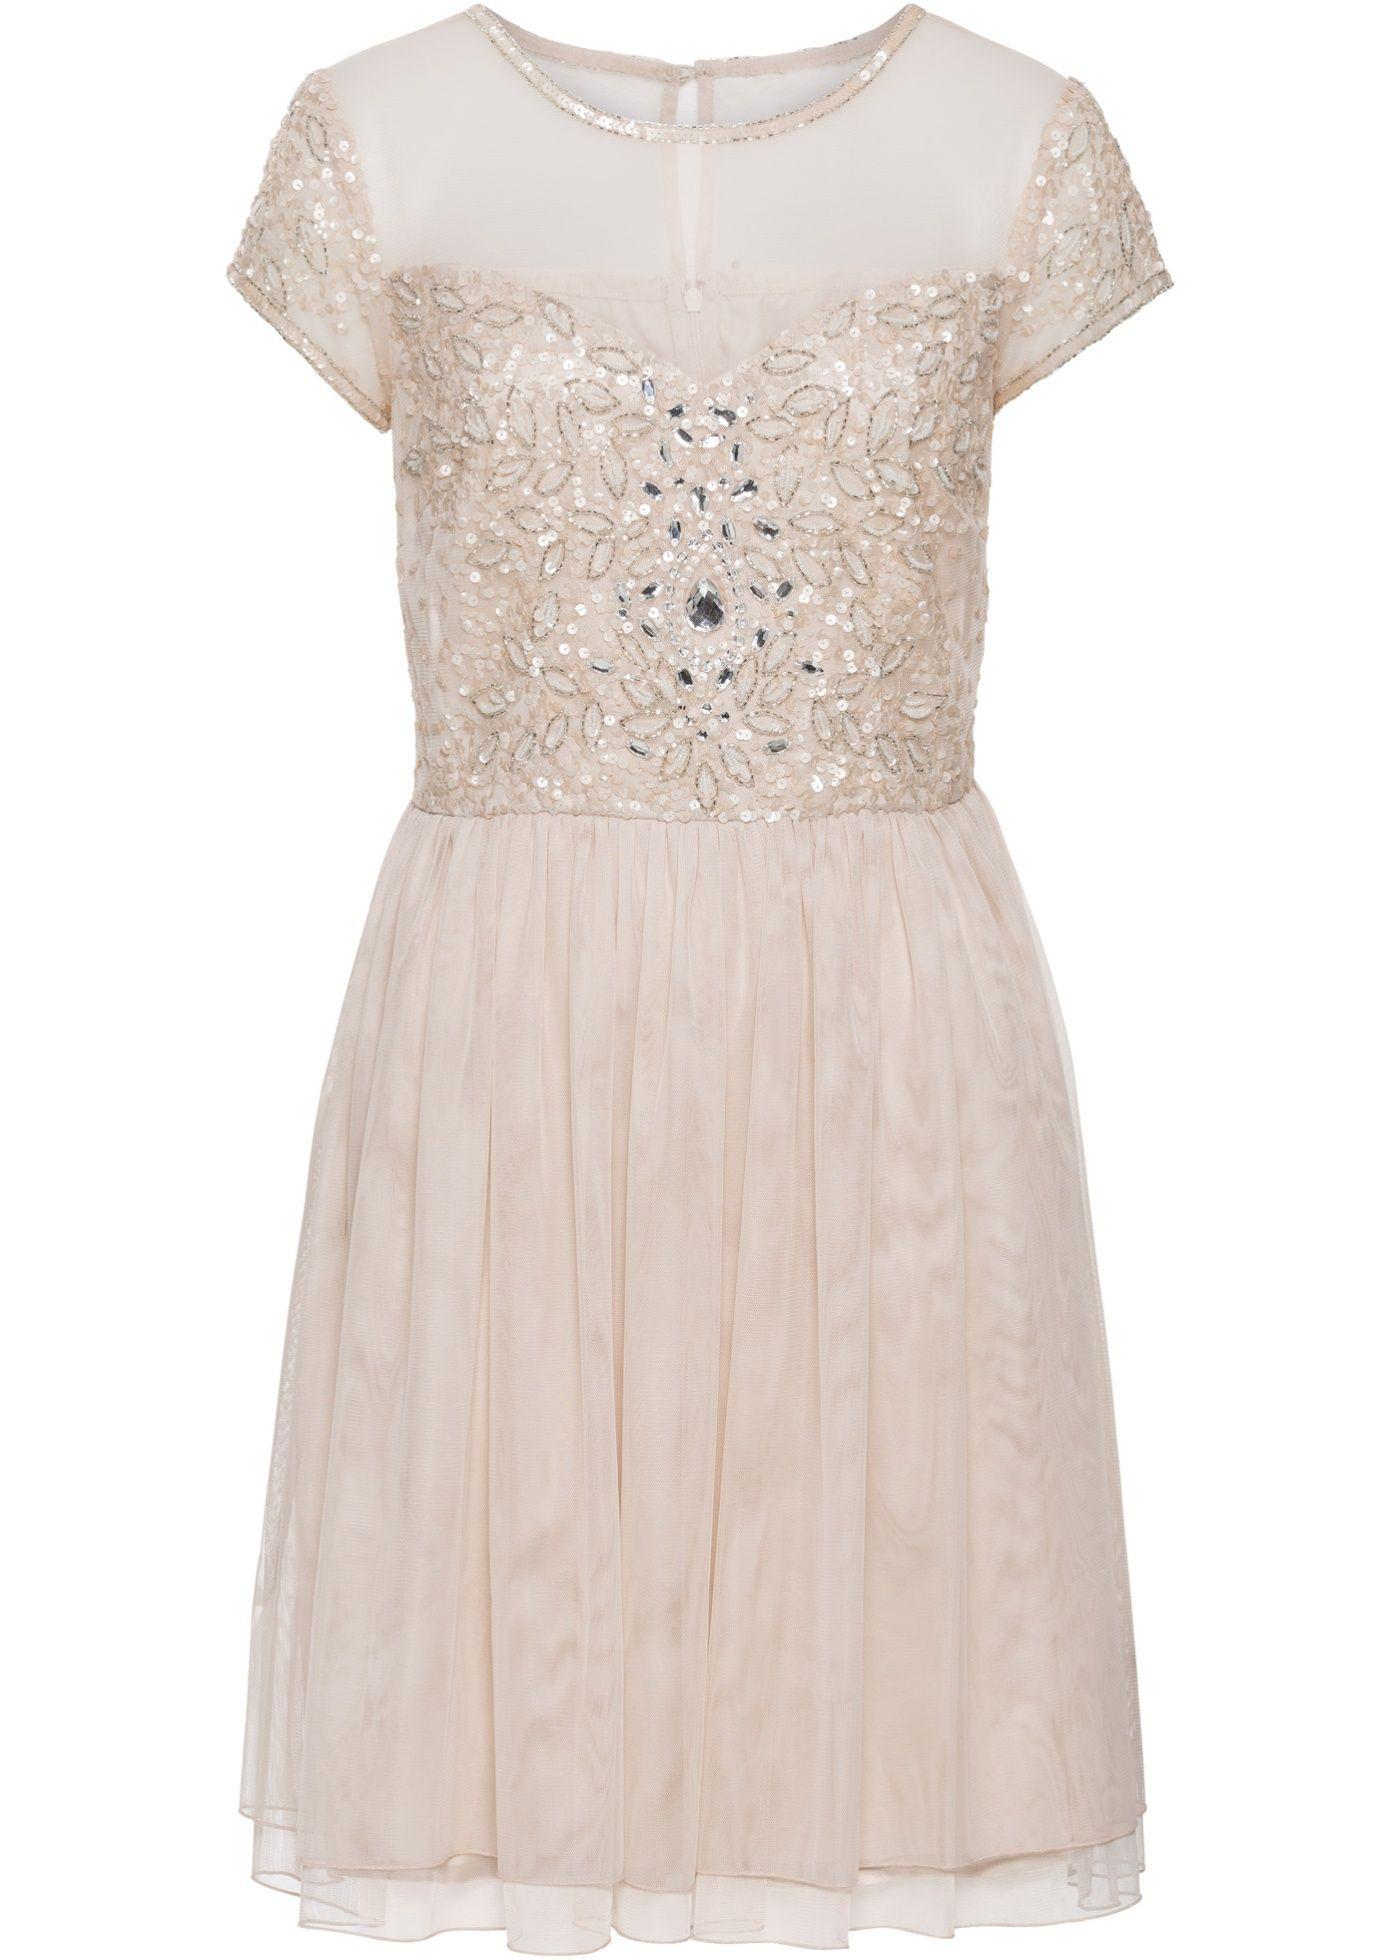 Designer Einzigartig Kleider Für Heiligabend Stylish20 Leicht Kleider Für Heiligabend für 2019